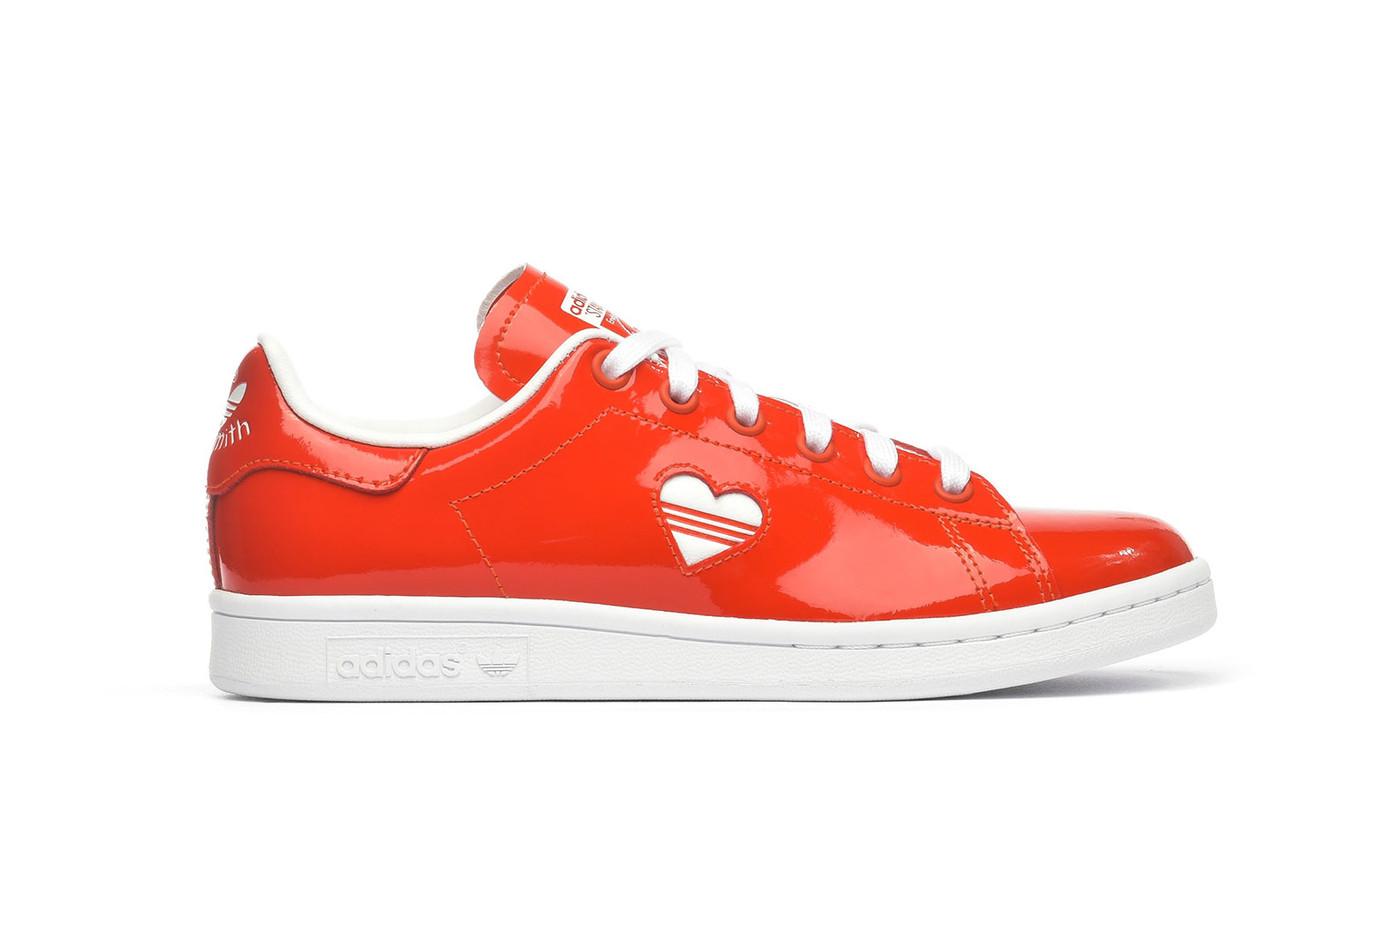 Tổng hợp hình ảnh pack giày Valentine năm nay của adidas